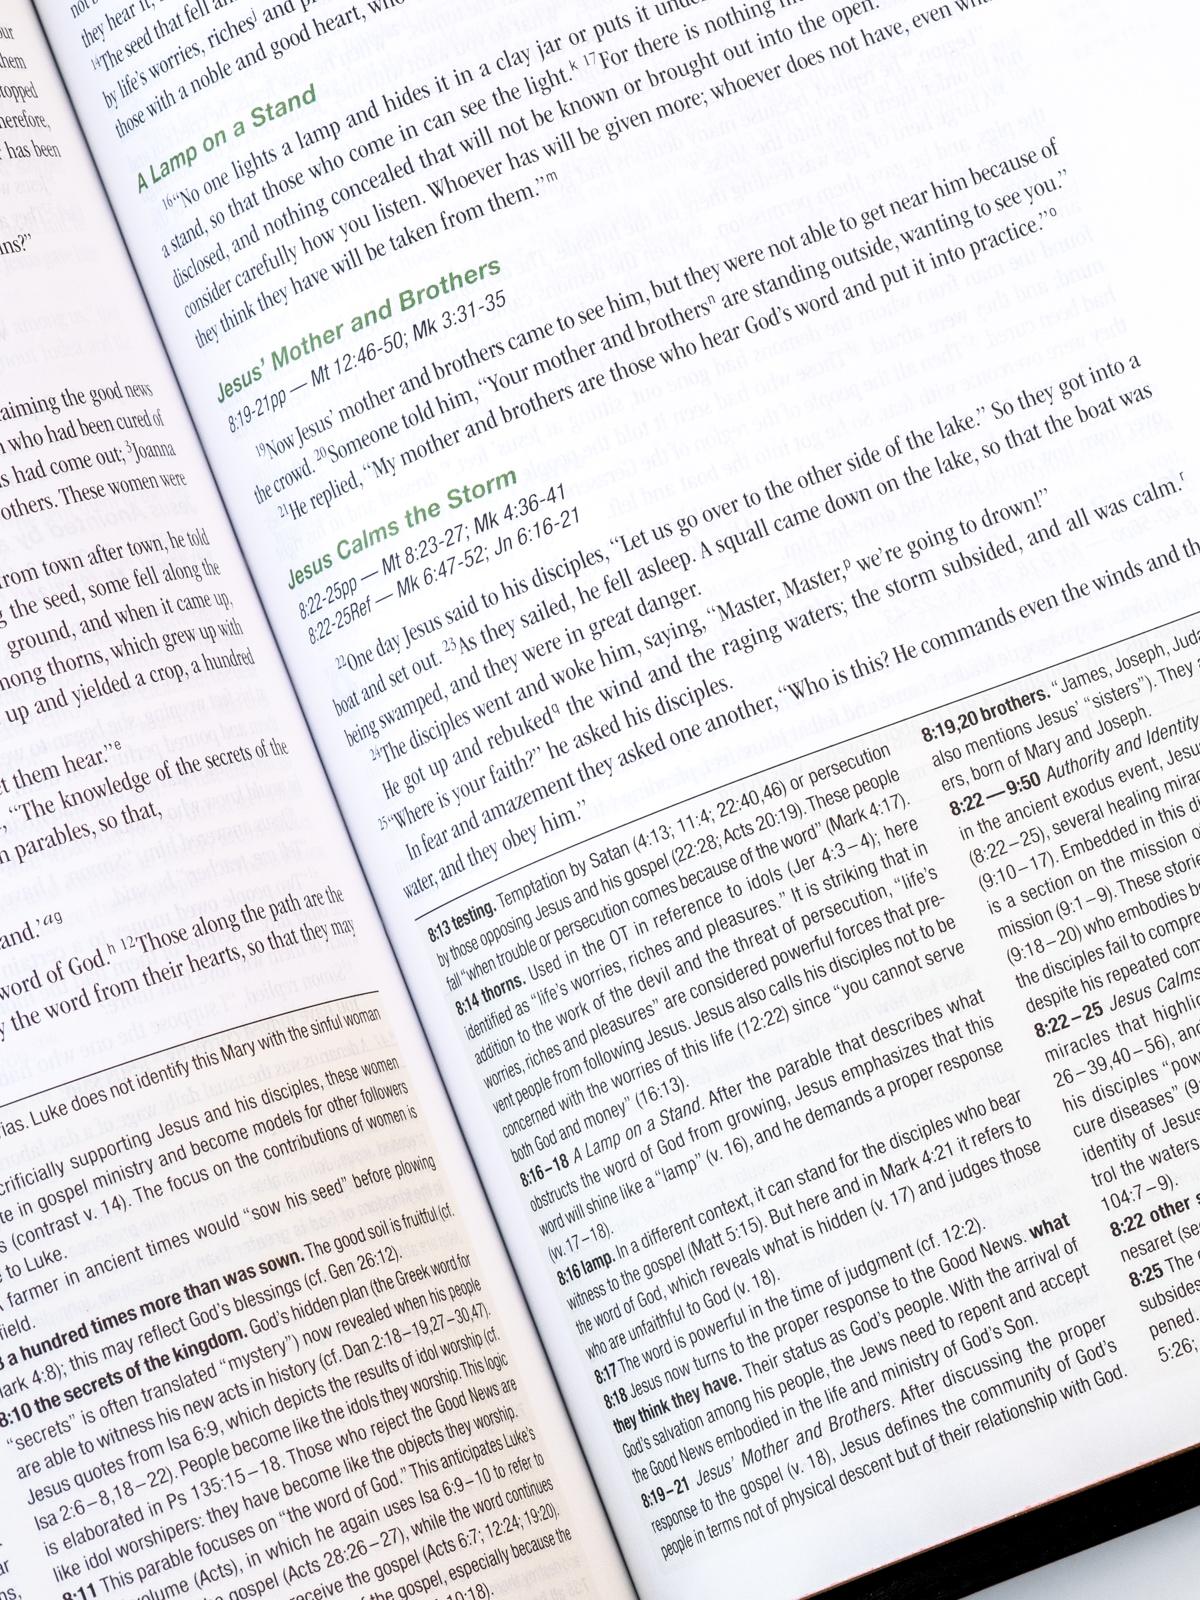 NIV Zondervan Study Bible Page